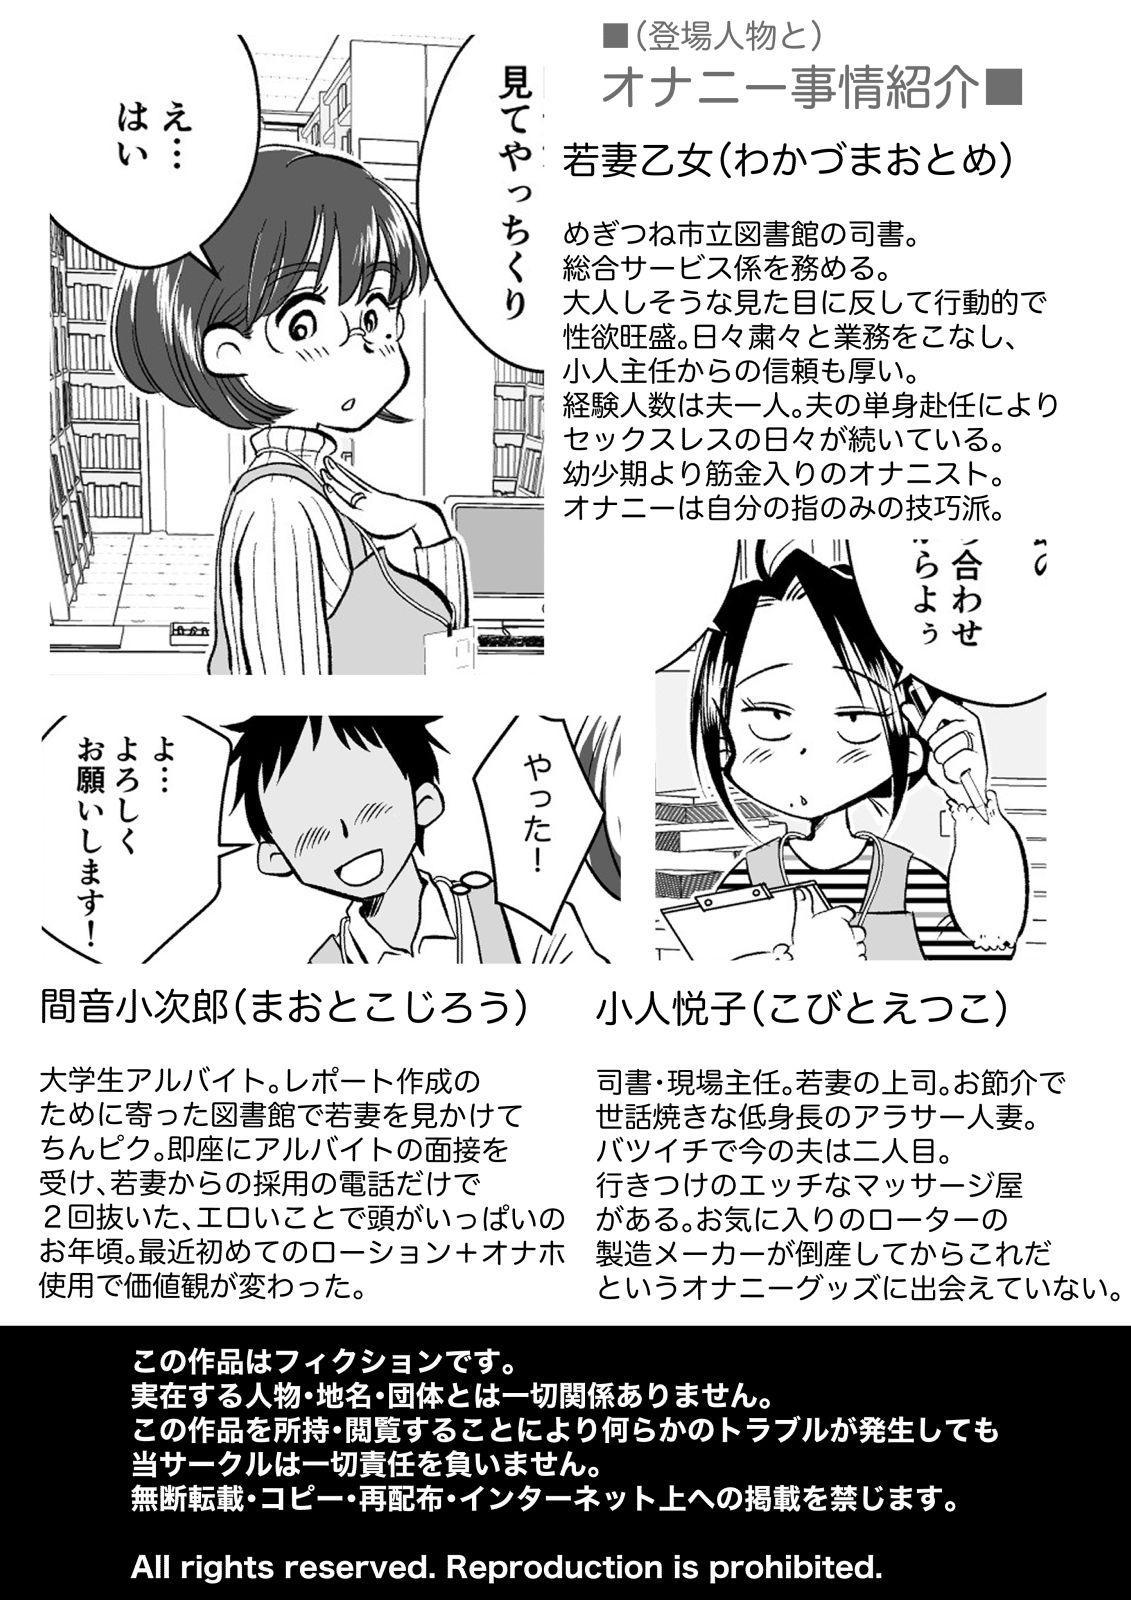 [Megitsune Works] Wakazuma-san wa Yokkyuu Fuman! Akogare no Shisho no Wakazuma-san ga Gakusei Beit no Boku no Fudeoroshi o Shite kuremashita. 1